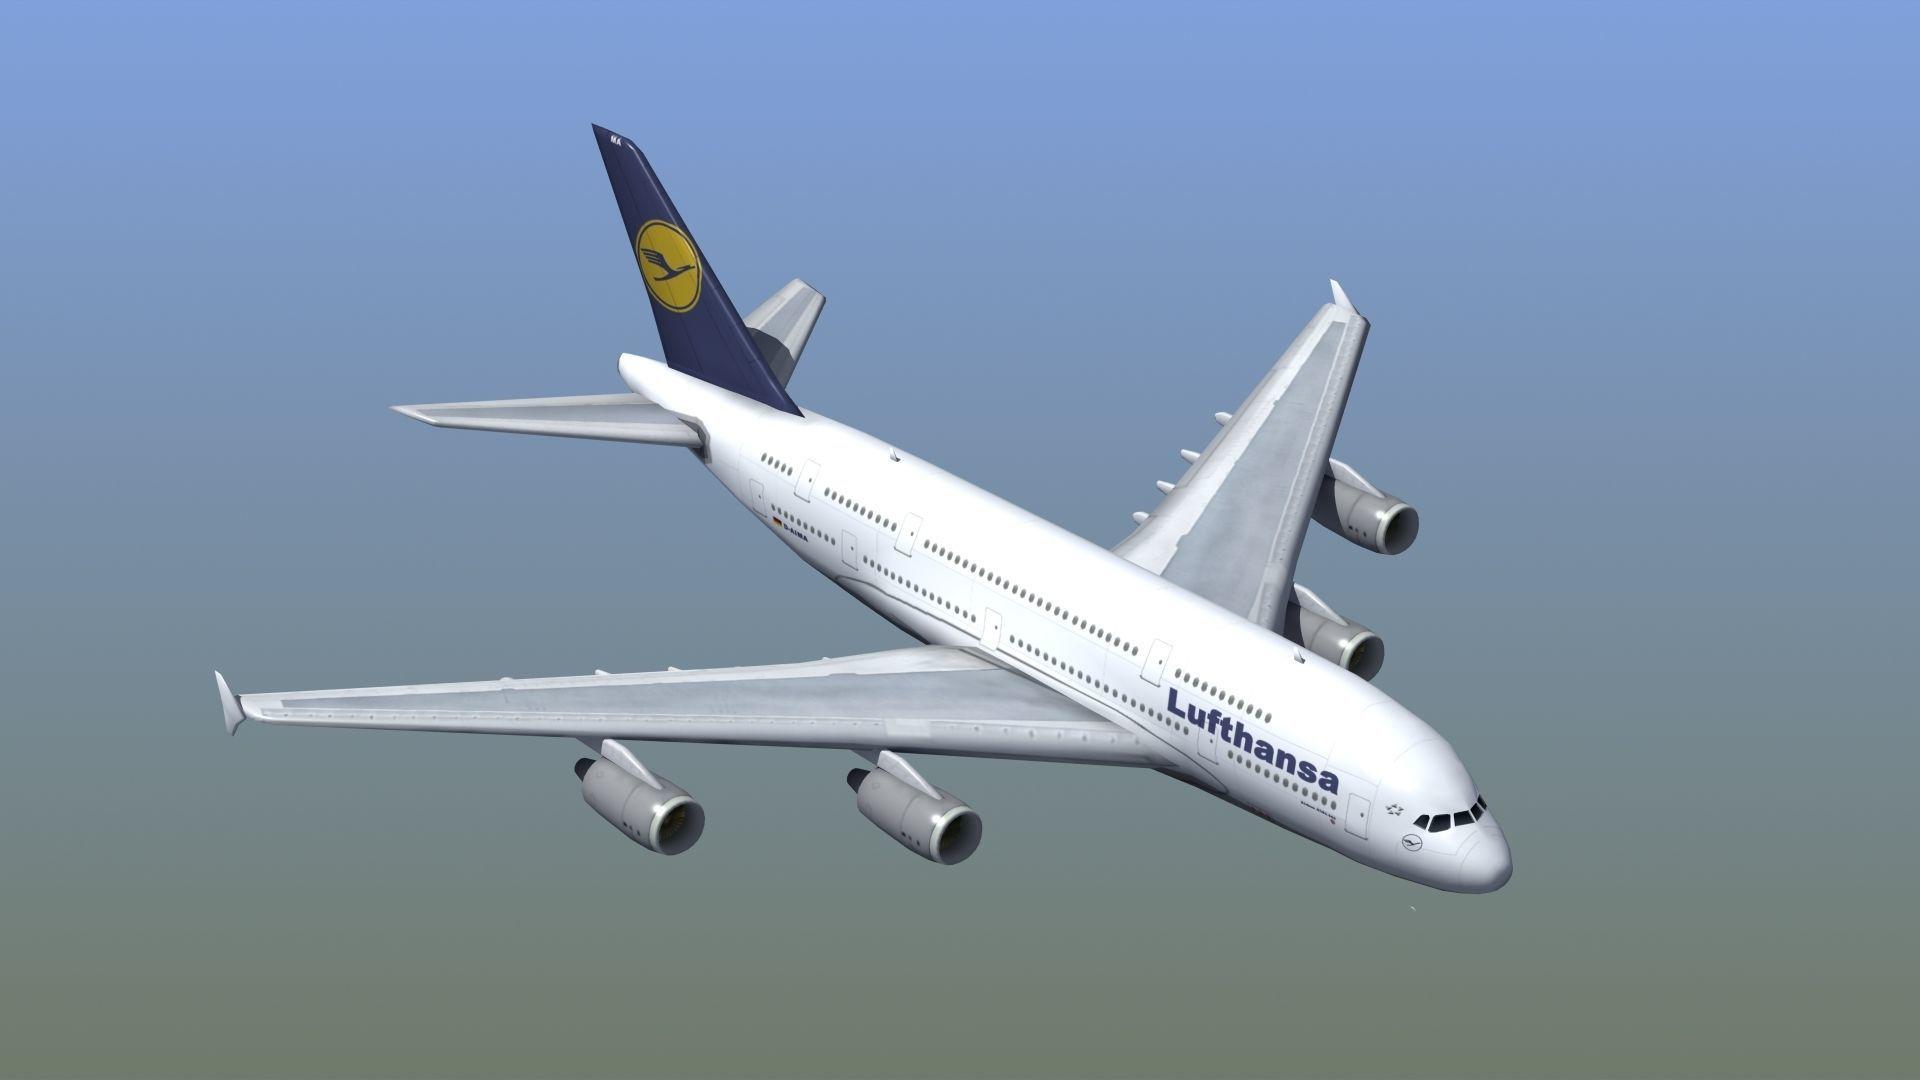 A380 Passenger Aircraft